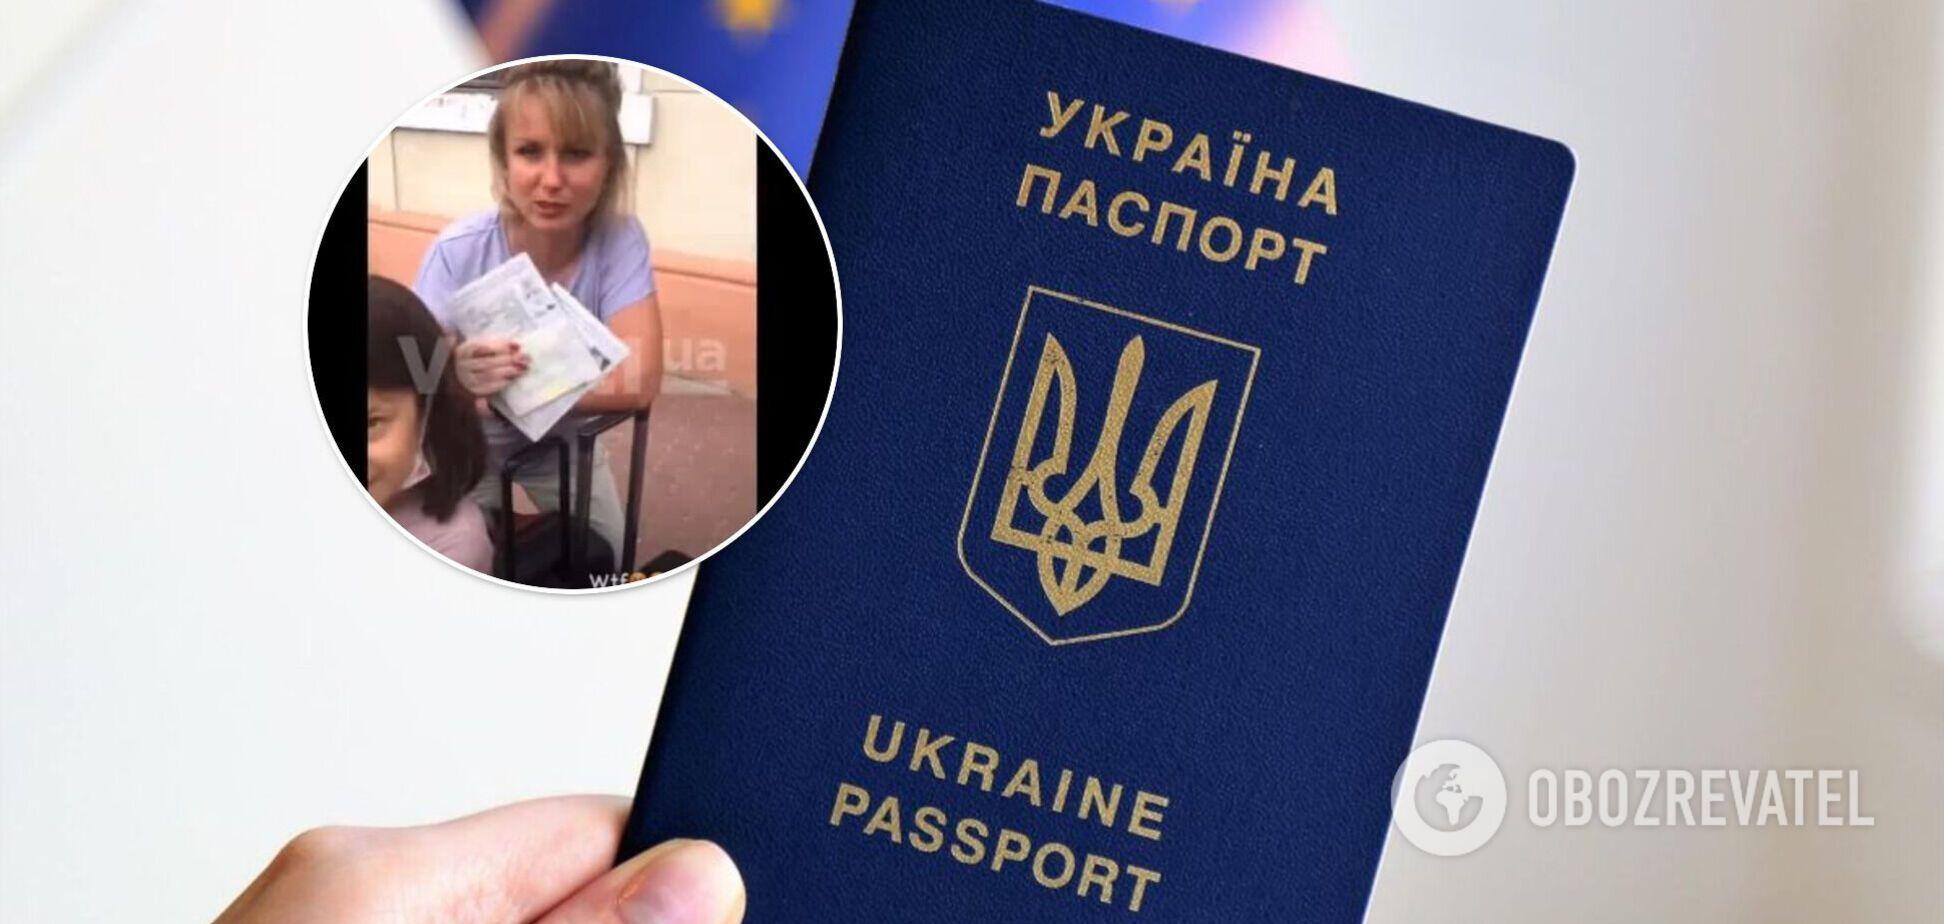 Выбросившая украинские паспорта женщина благополучно улетела в Турцию. Фото